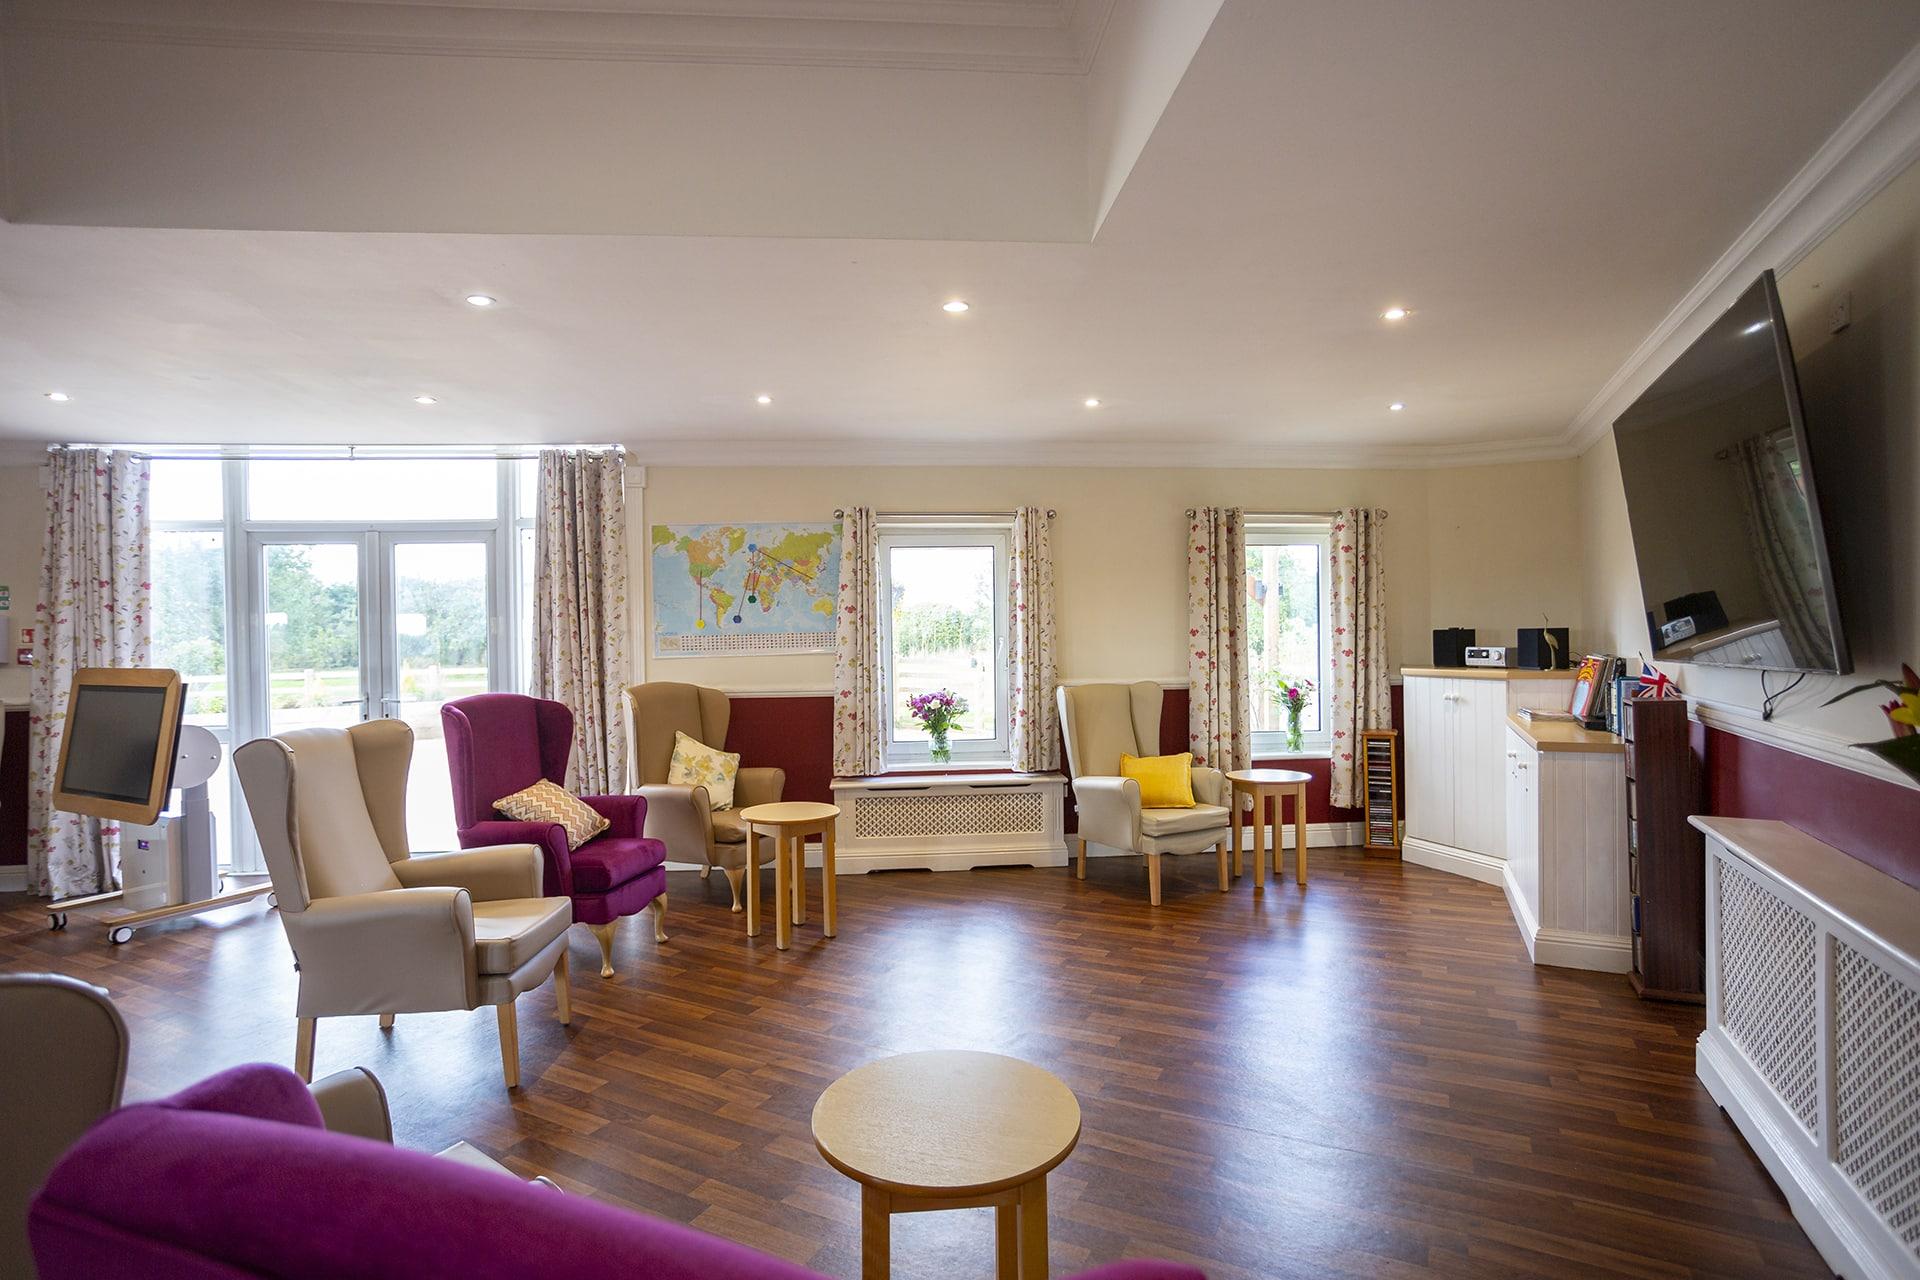 Stambridge Meadows Care Home main lounge area